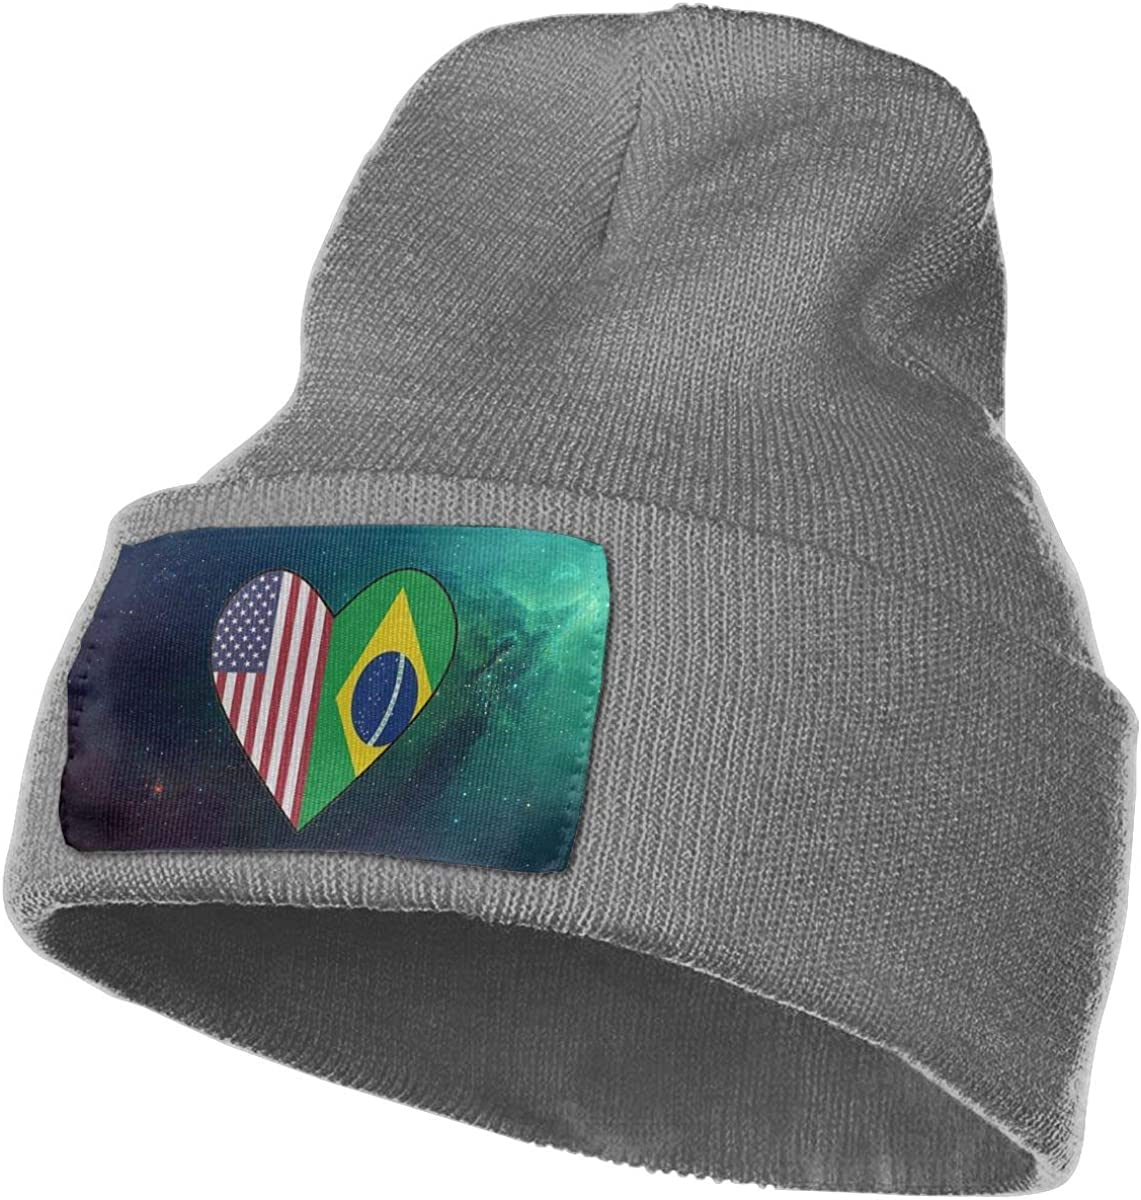 COLLJL-8 Men//Women Venezuela Flag Puzzle Outdoor Fashion Knit Beanies Hat Soft Winter Knit Caps